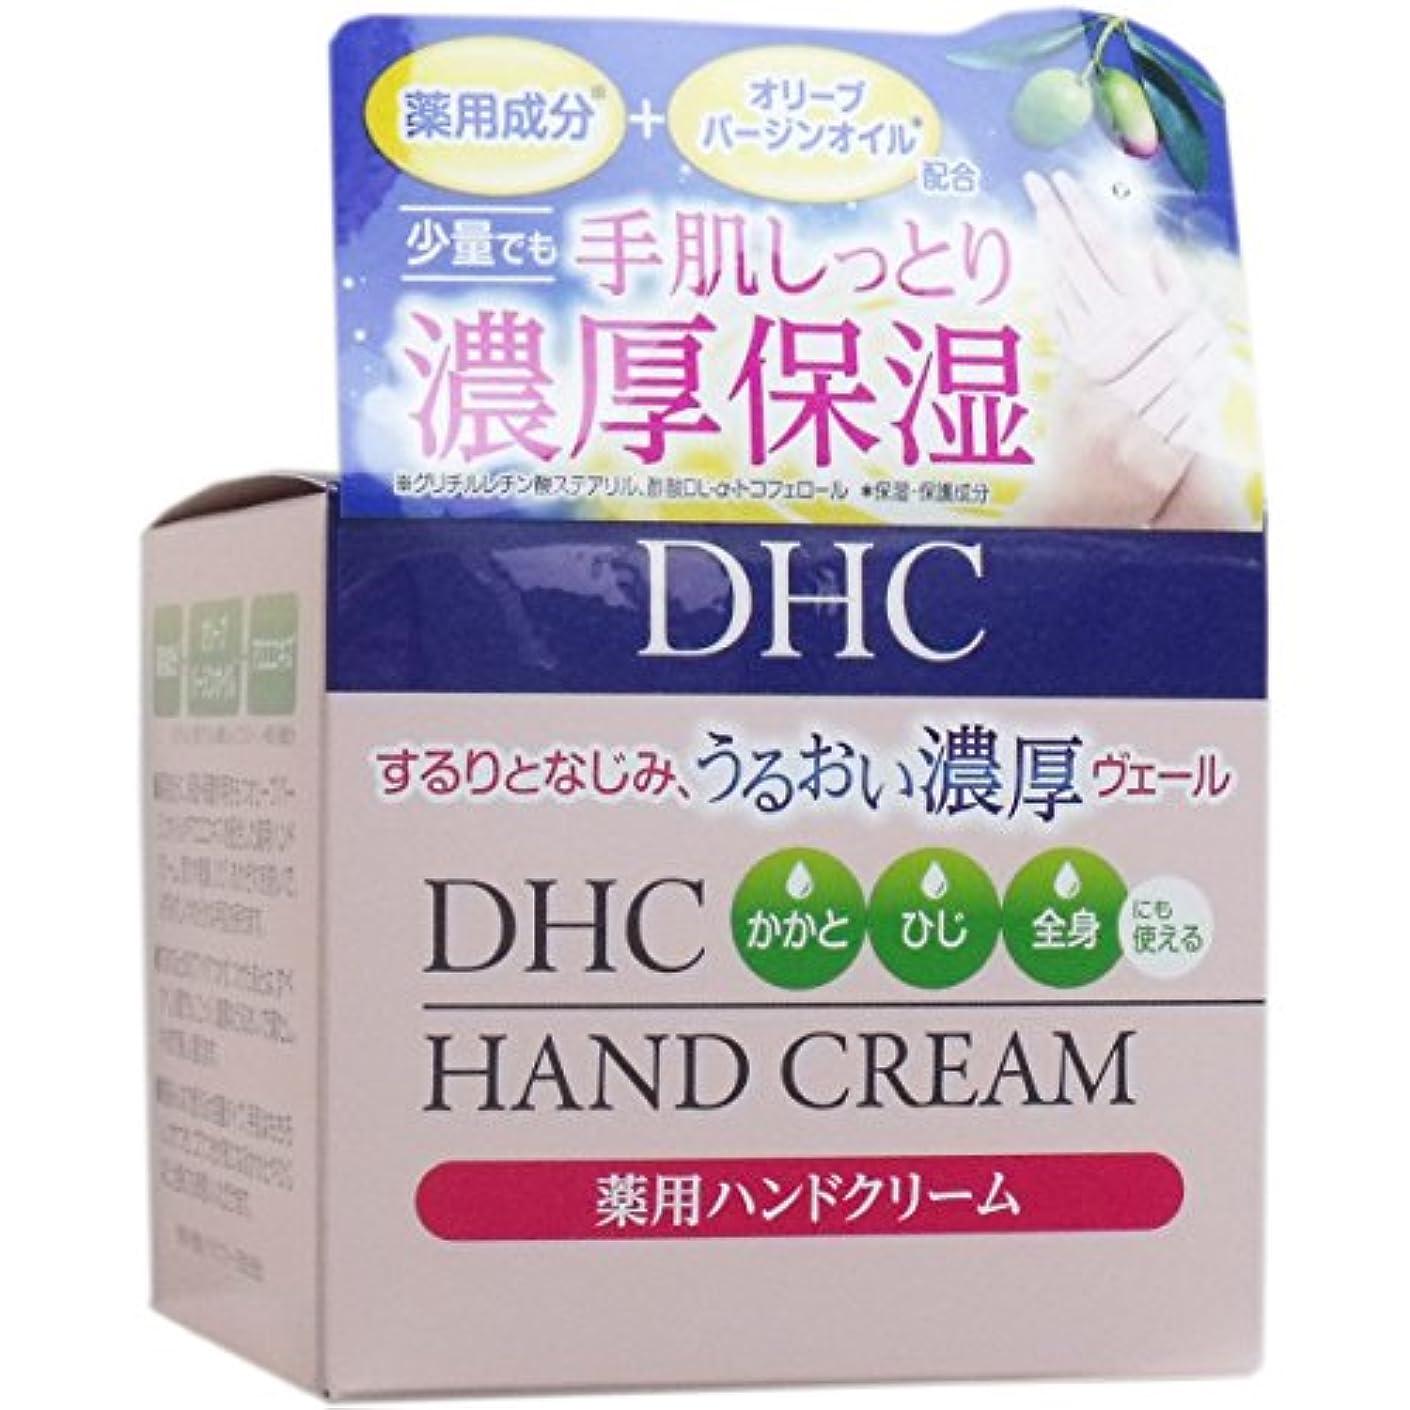 マイナスコンドーム補正[2月25日まで特価]DHC 薬用 ハンドクリーム 120g×10個セット